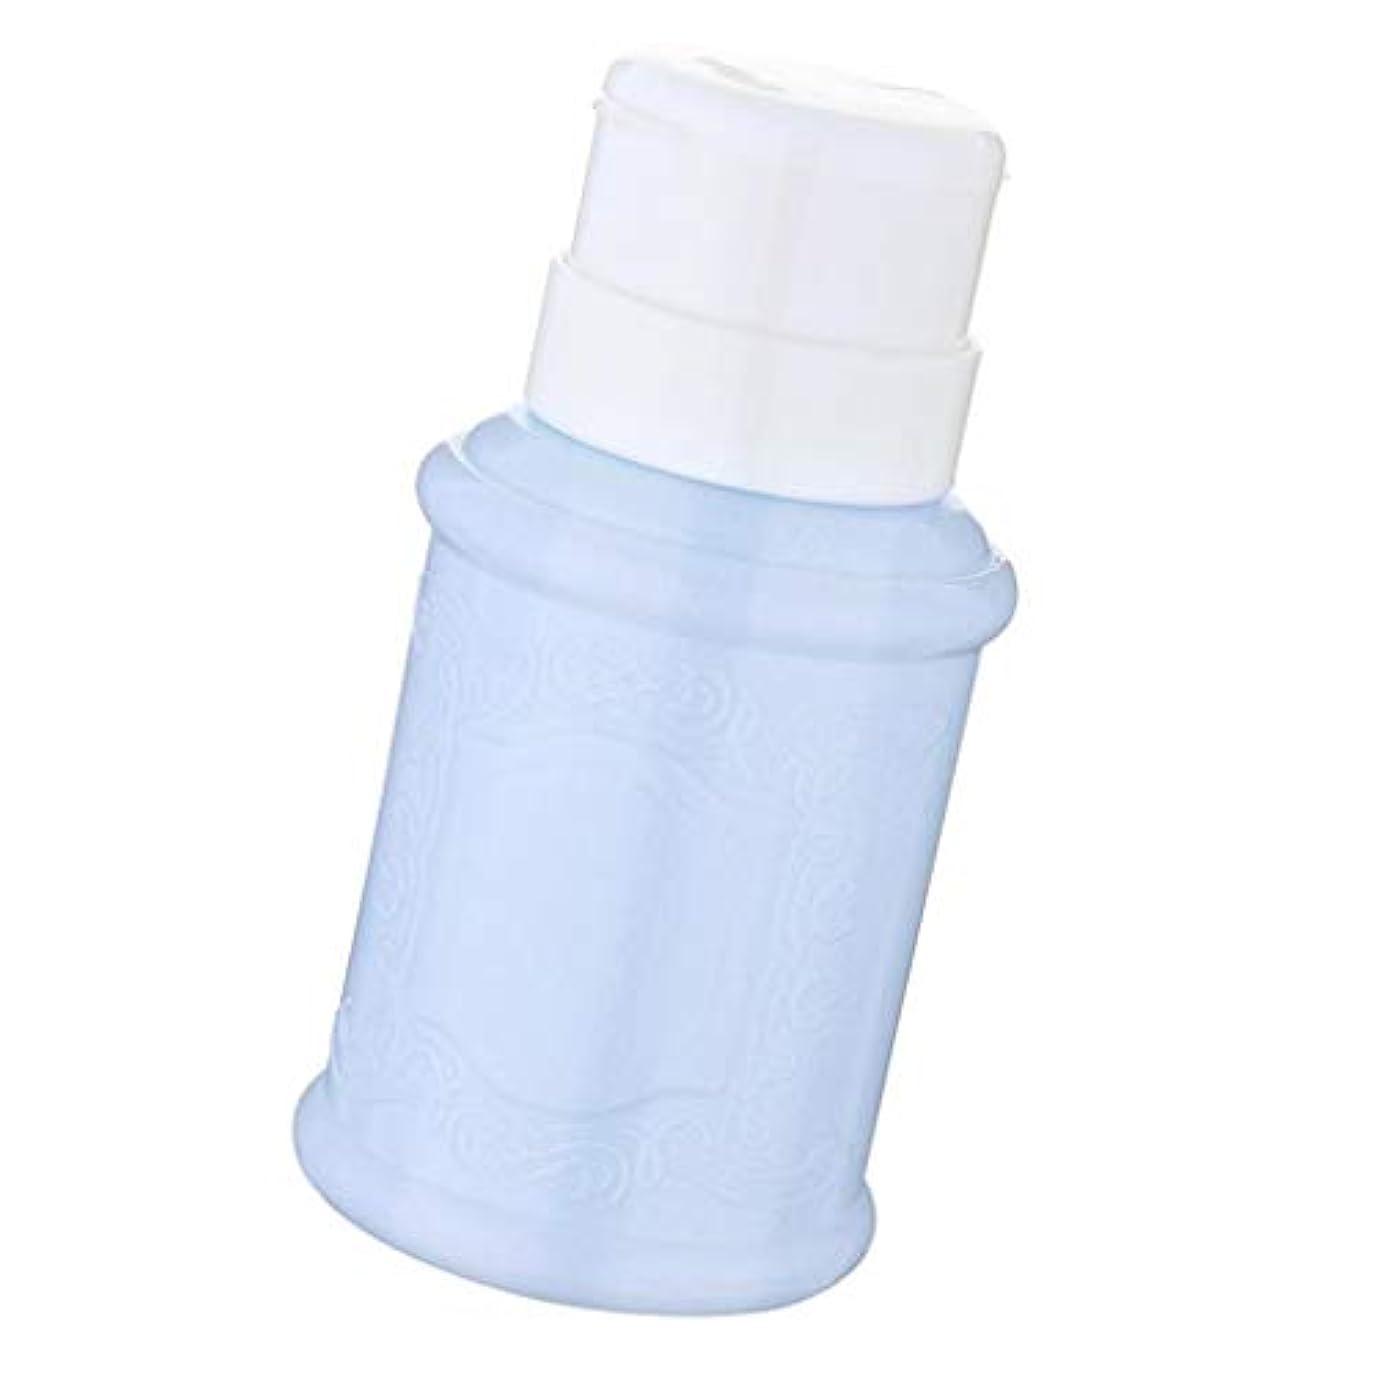 時計ソブリケットフクロウポンプディスペンサー ネイル リットル空ポンプ ネイルクリーナーボトル 全3色 - 青